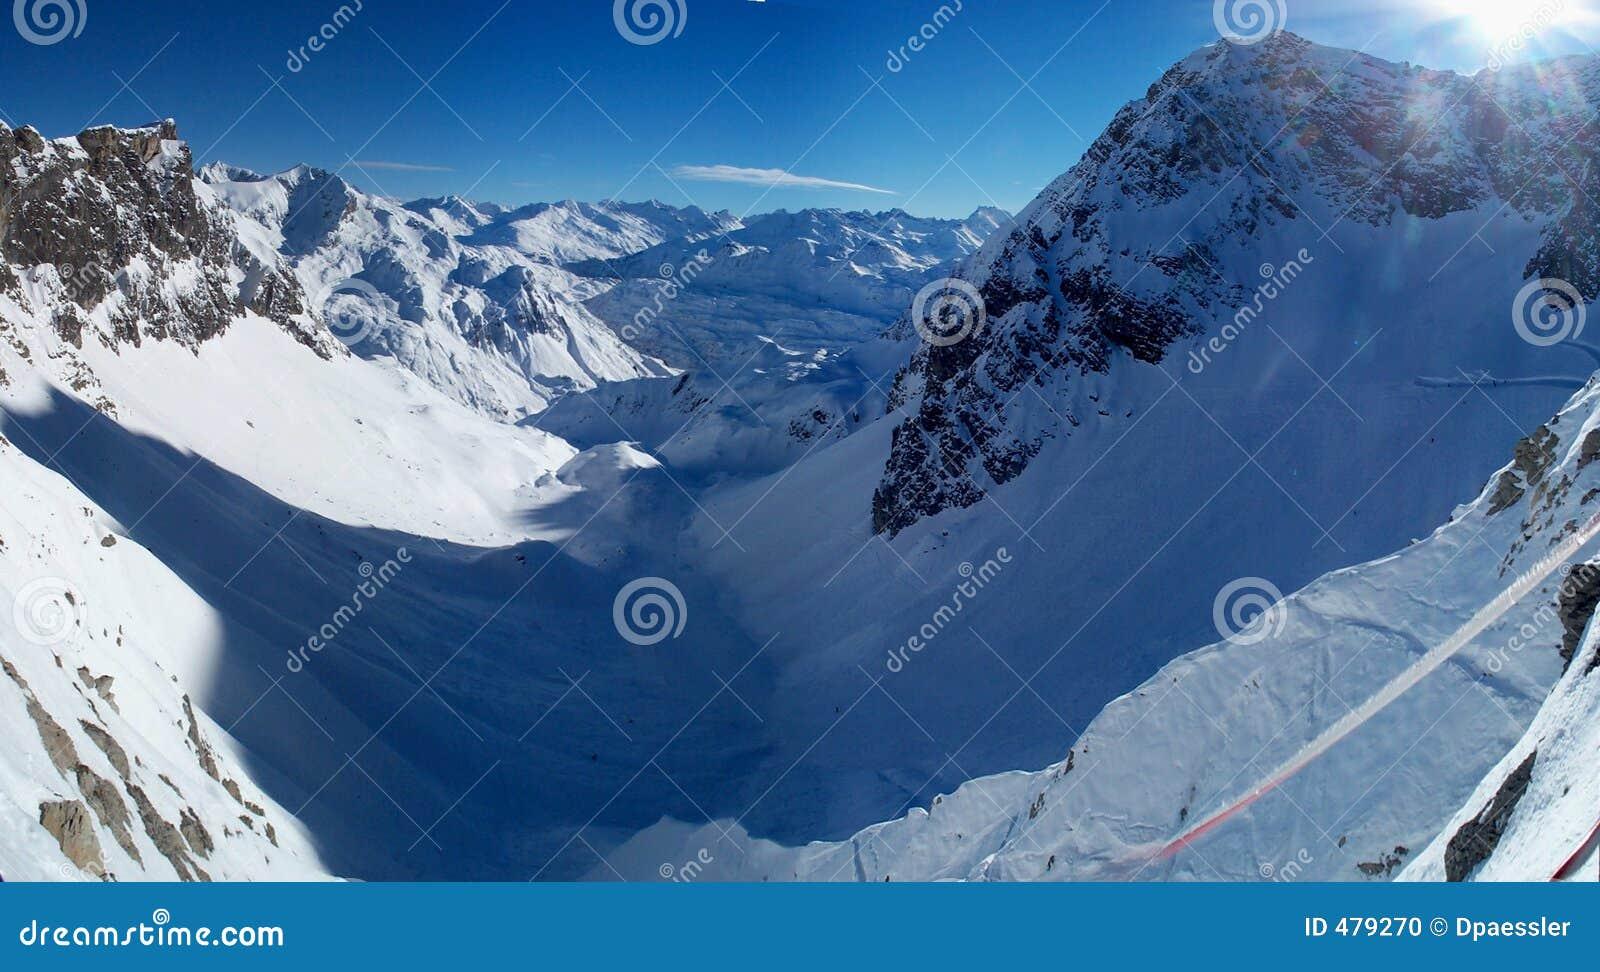 Panorama de la montaña del invierno